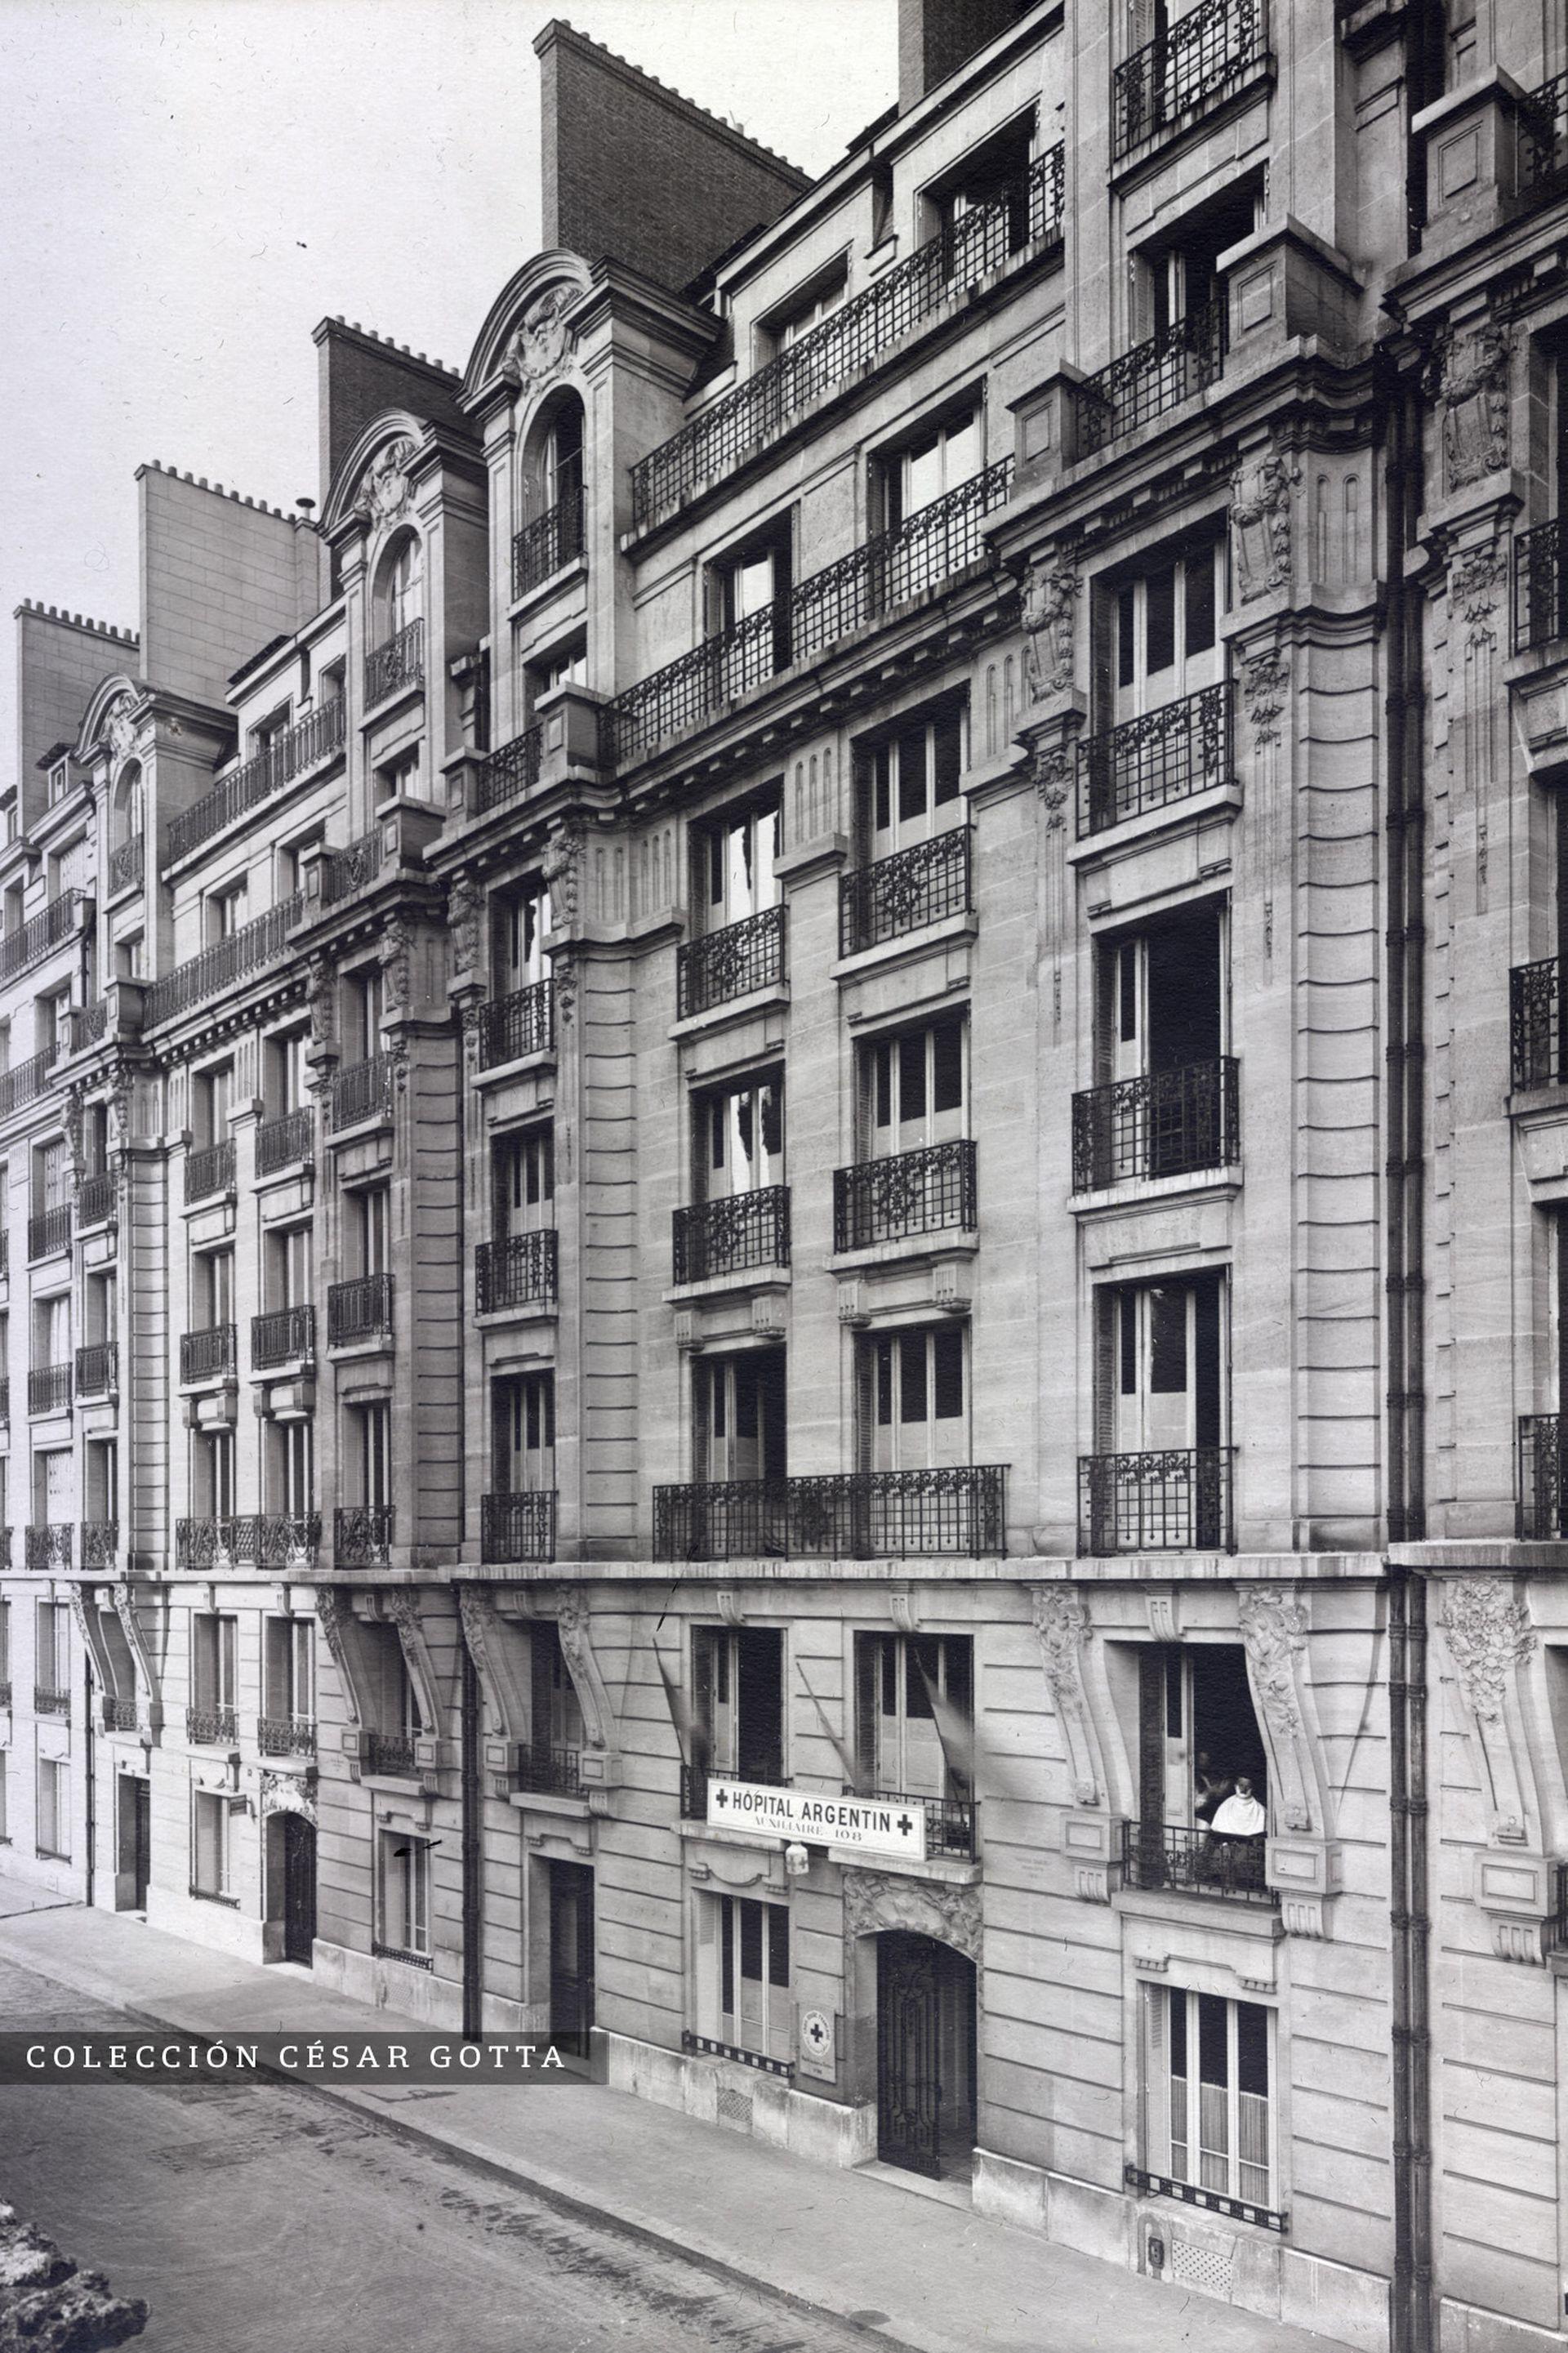 Frente del Hospital Argentino en París, en el número 14 de la rue Jules Claretie.